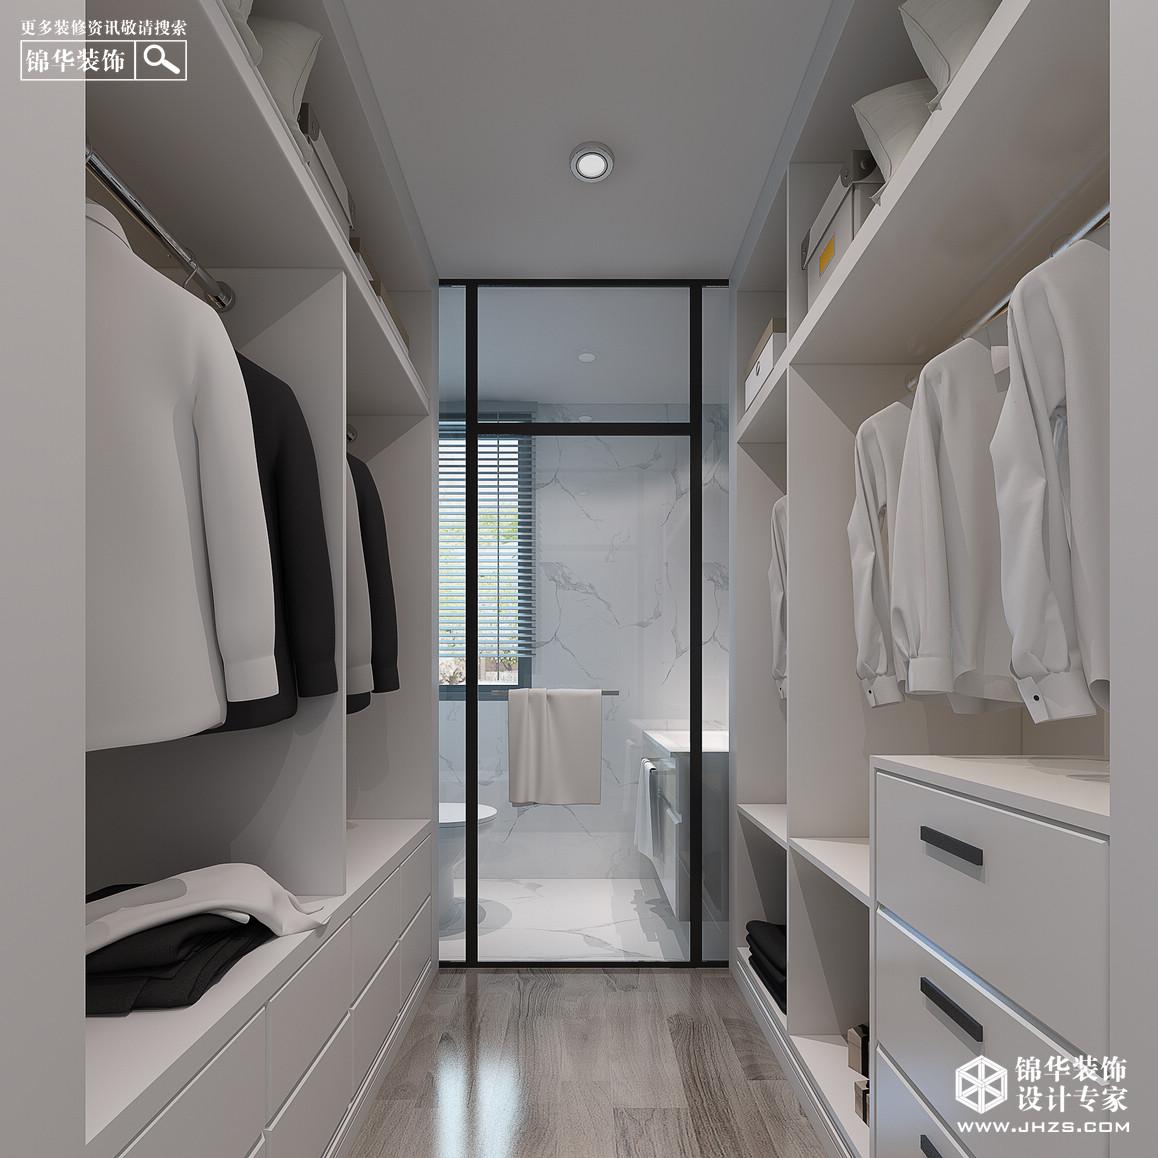 北欧-和泰国际-四室两厅装修-四室两厅-北欧